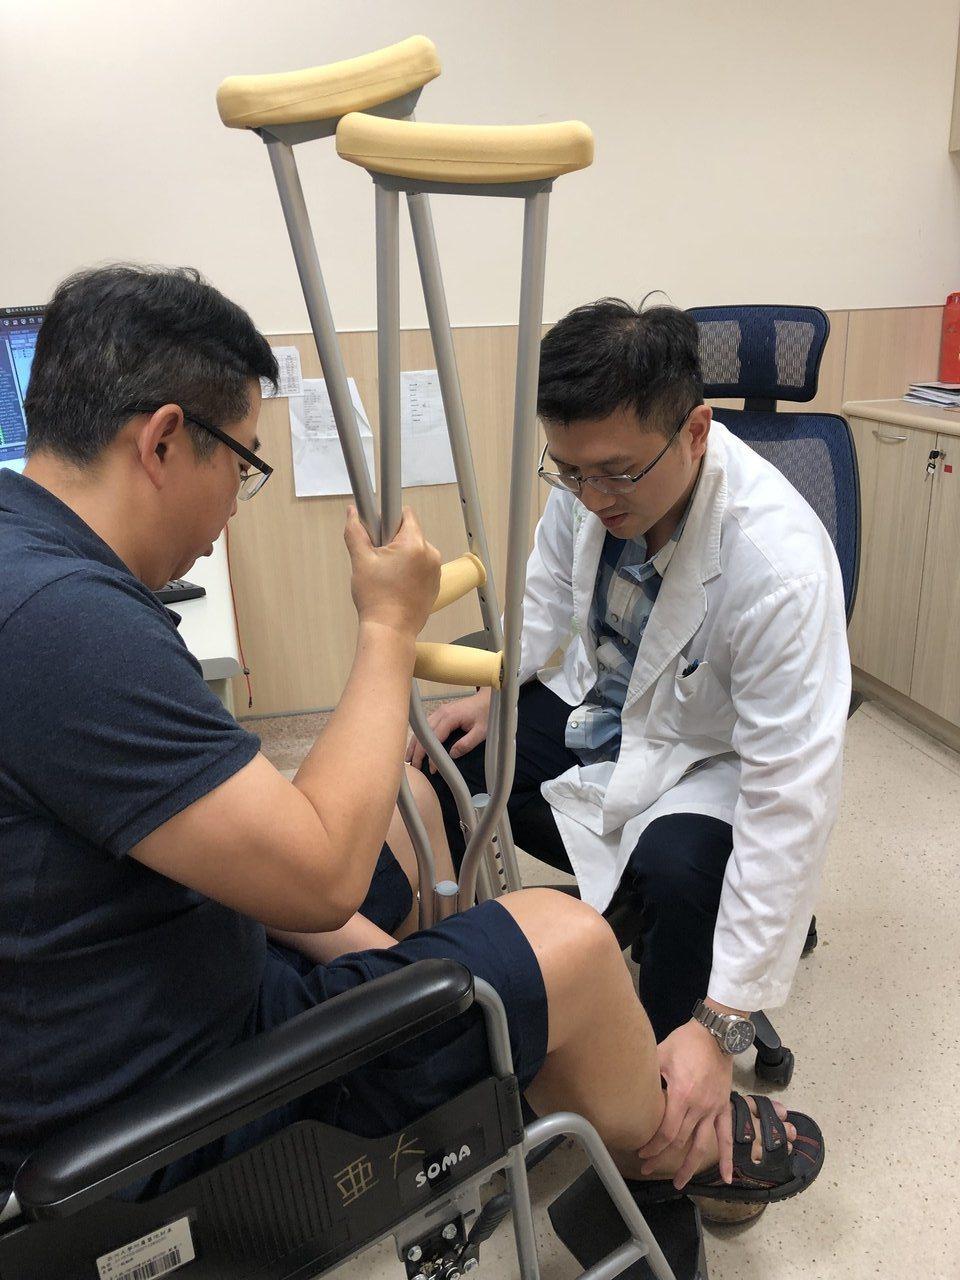 亞大醫院骨科部主治醫師林琮凱檢查患者狀況。圖/亞大醫院提供